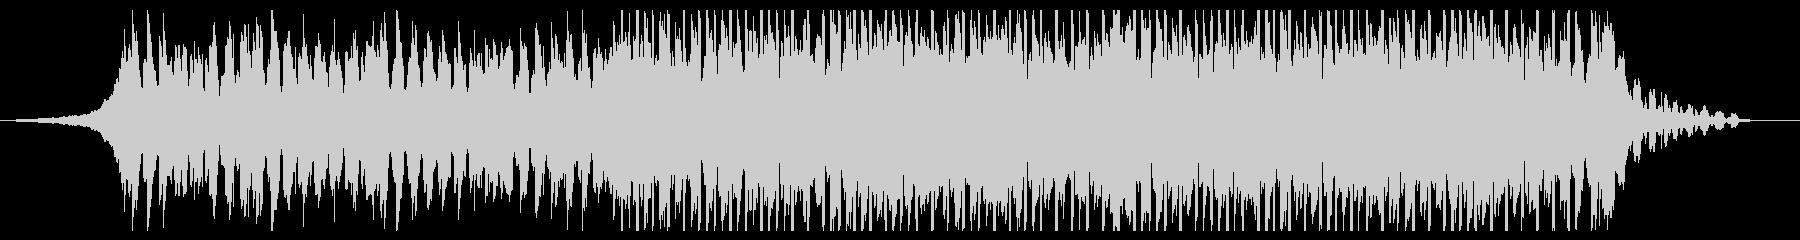 エレガント(60秒)の未再生の波形